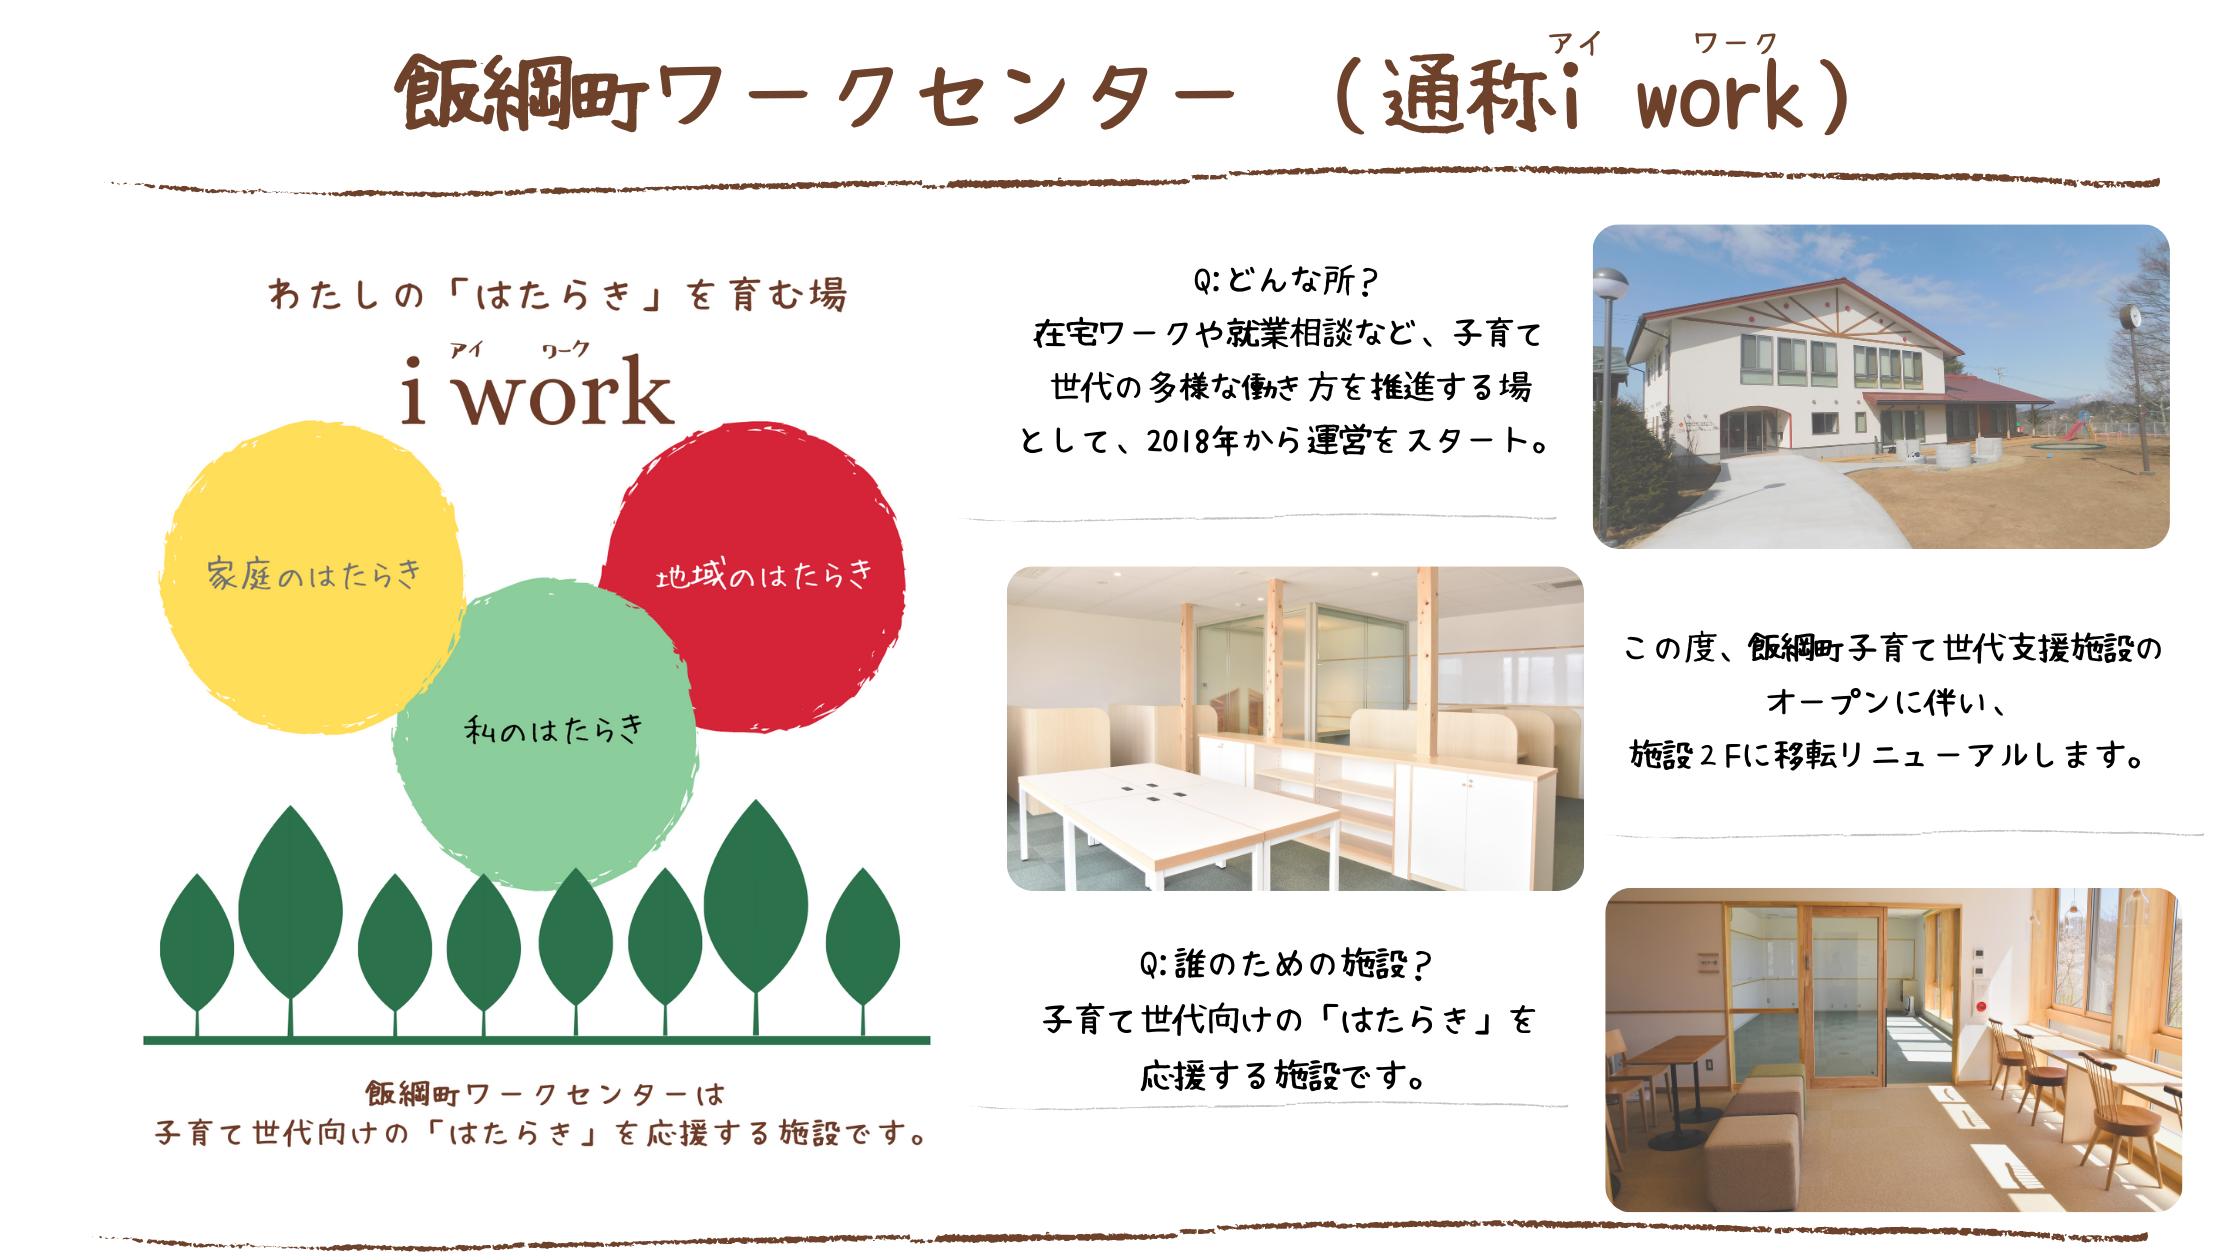 飯綱町ワークセンター(通称i work)